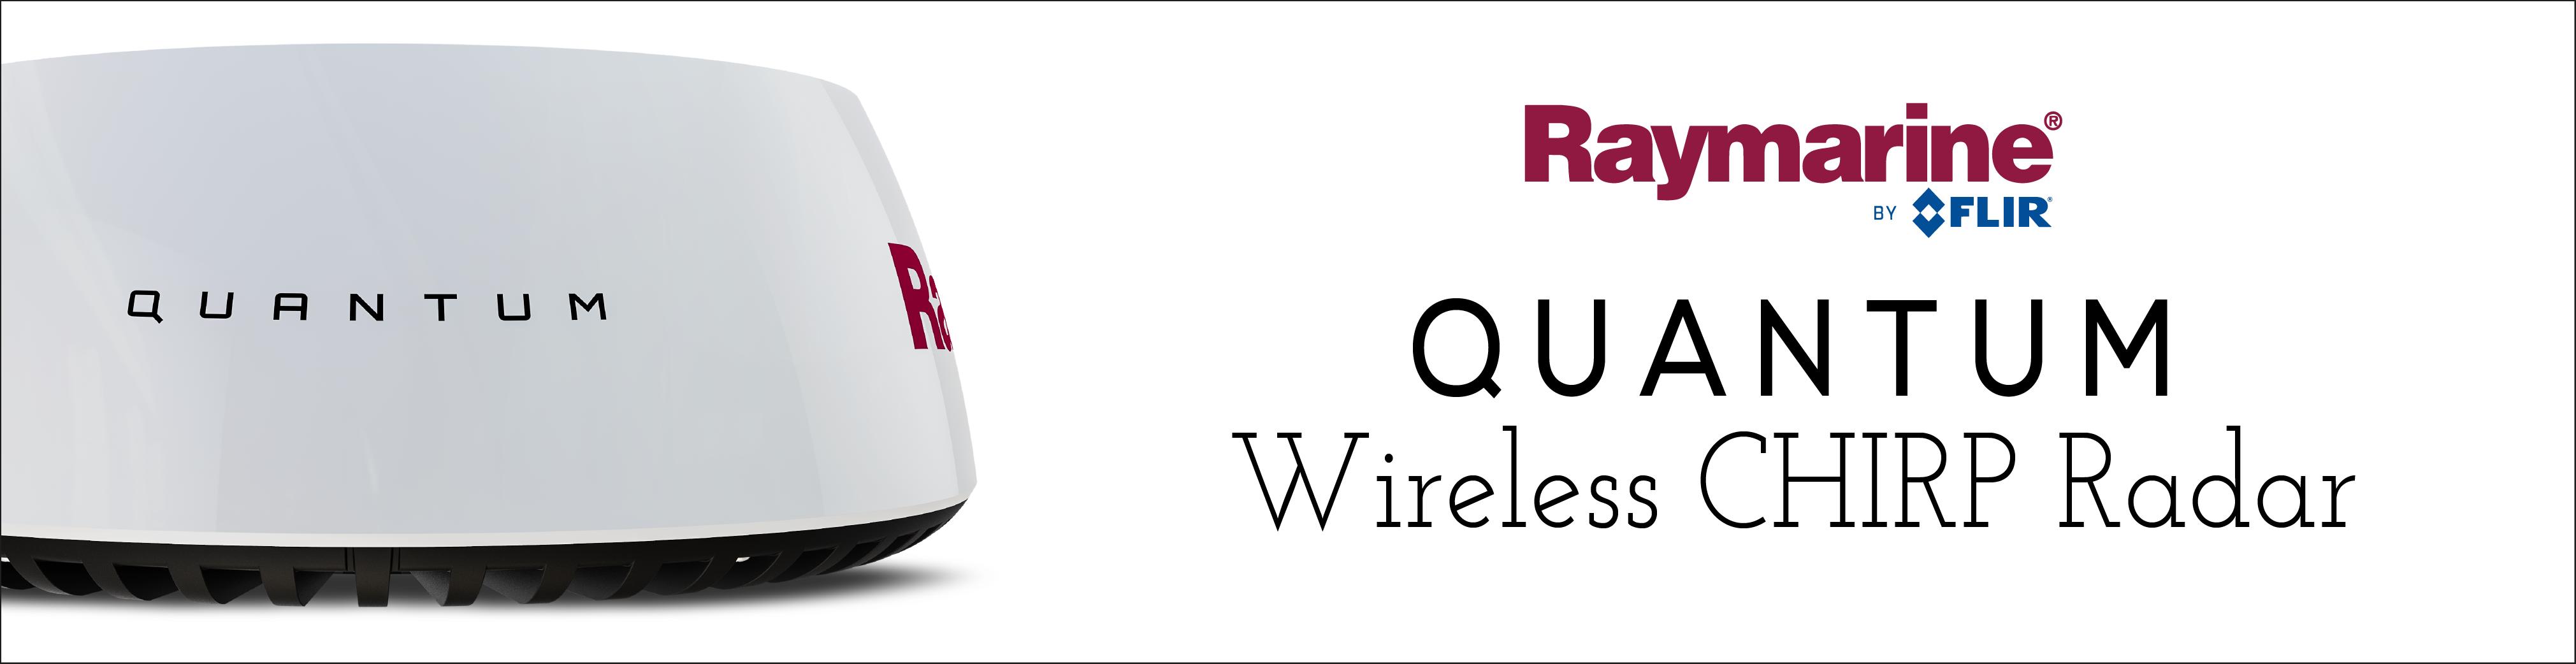 raymarine quantum wireless chirp radar marine electronics